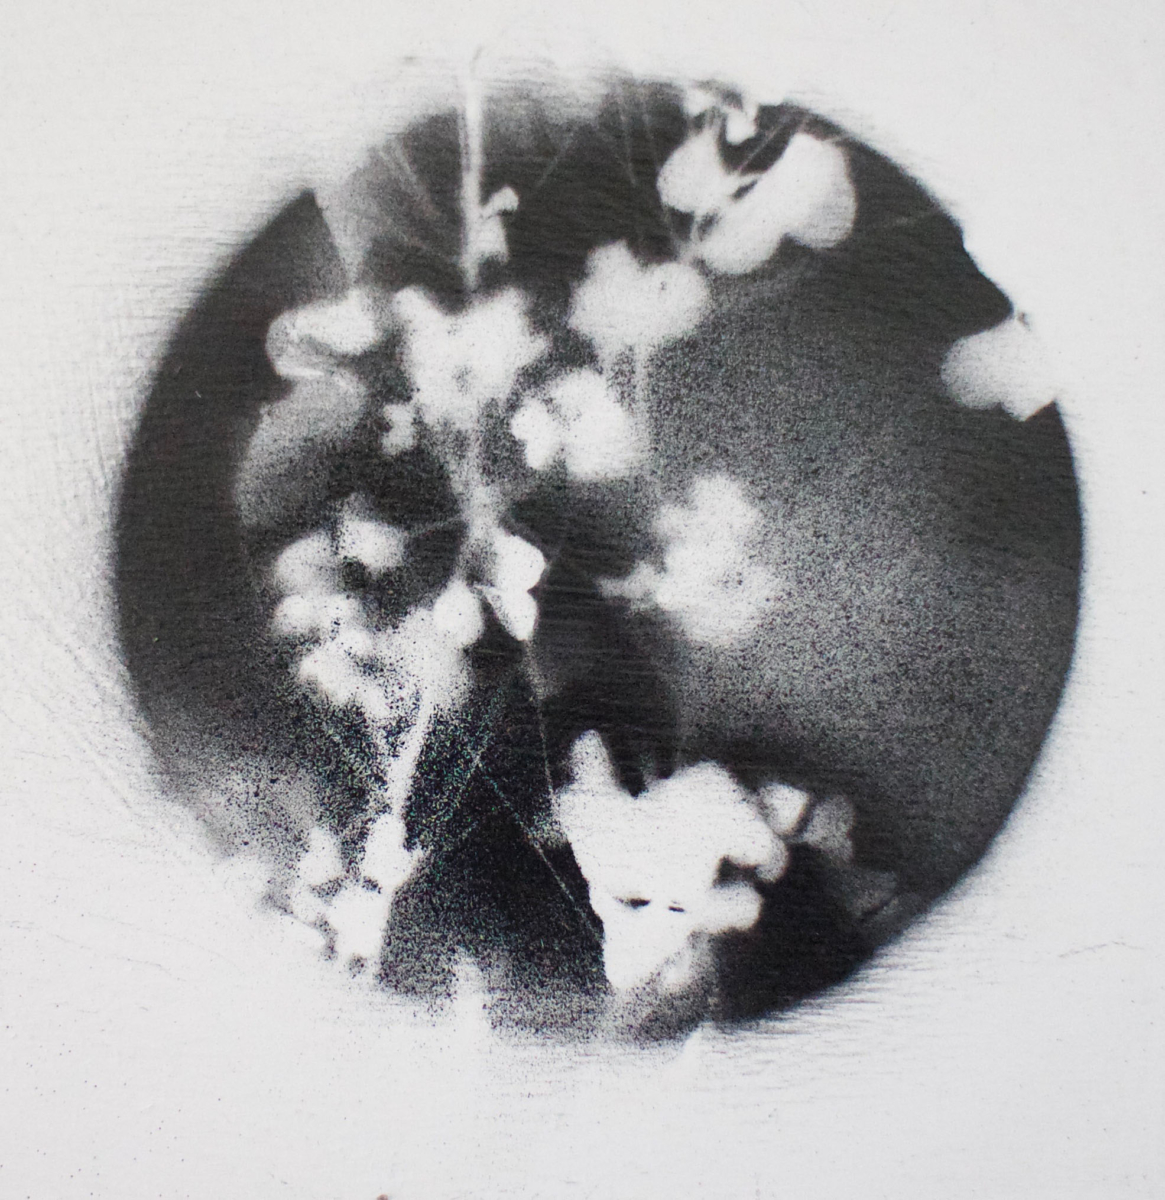 Oxalide, alléluia  no 2, acrylique sur panneau de bois, 4 x 4 po, 2018